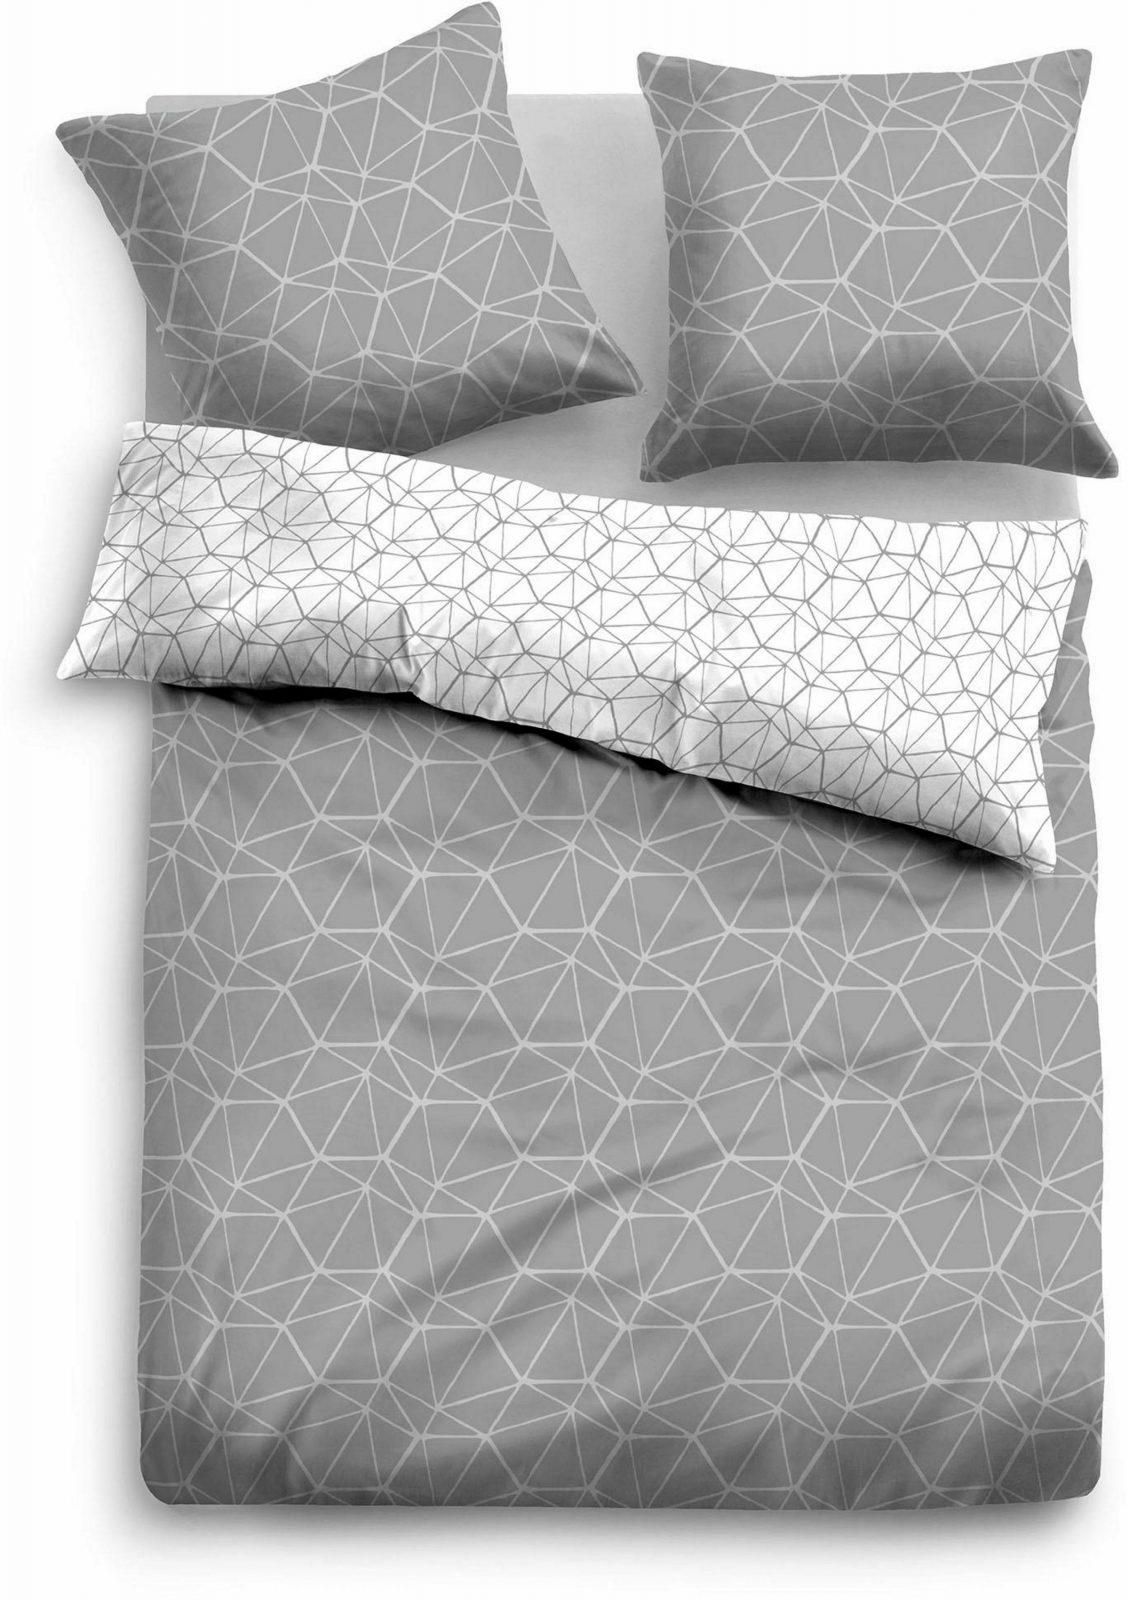 Bettwäsche Tom Tailor Alina Mit Muster Aus Feinen Linien Kaufen von Tom Tailor Bettwäsche 135X200 Bild